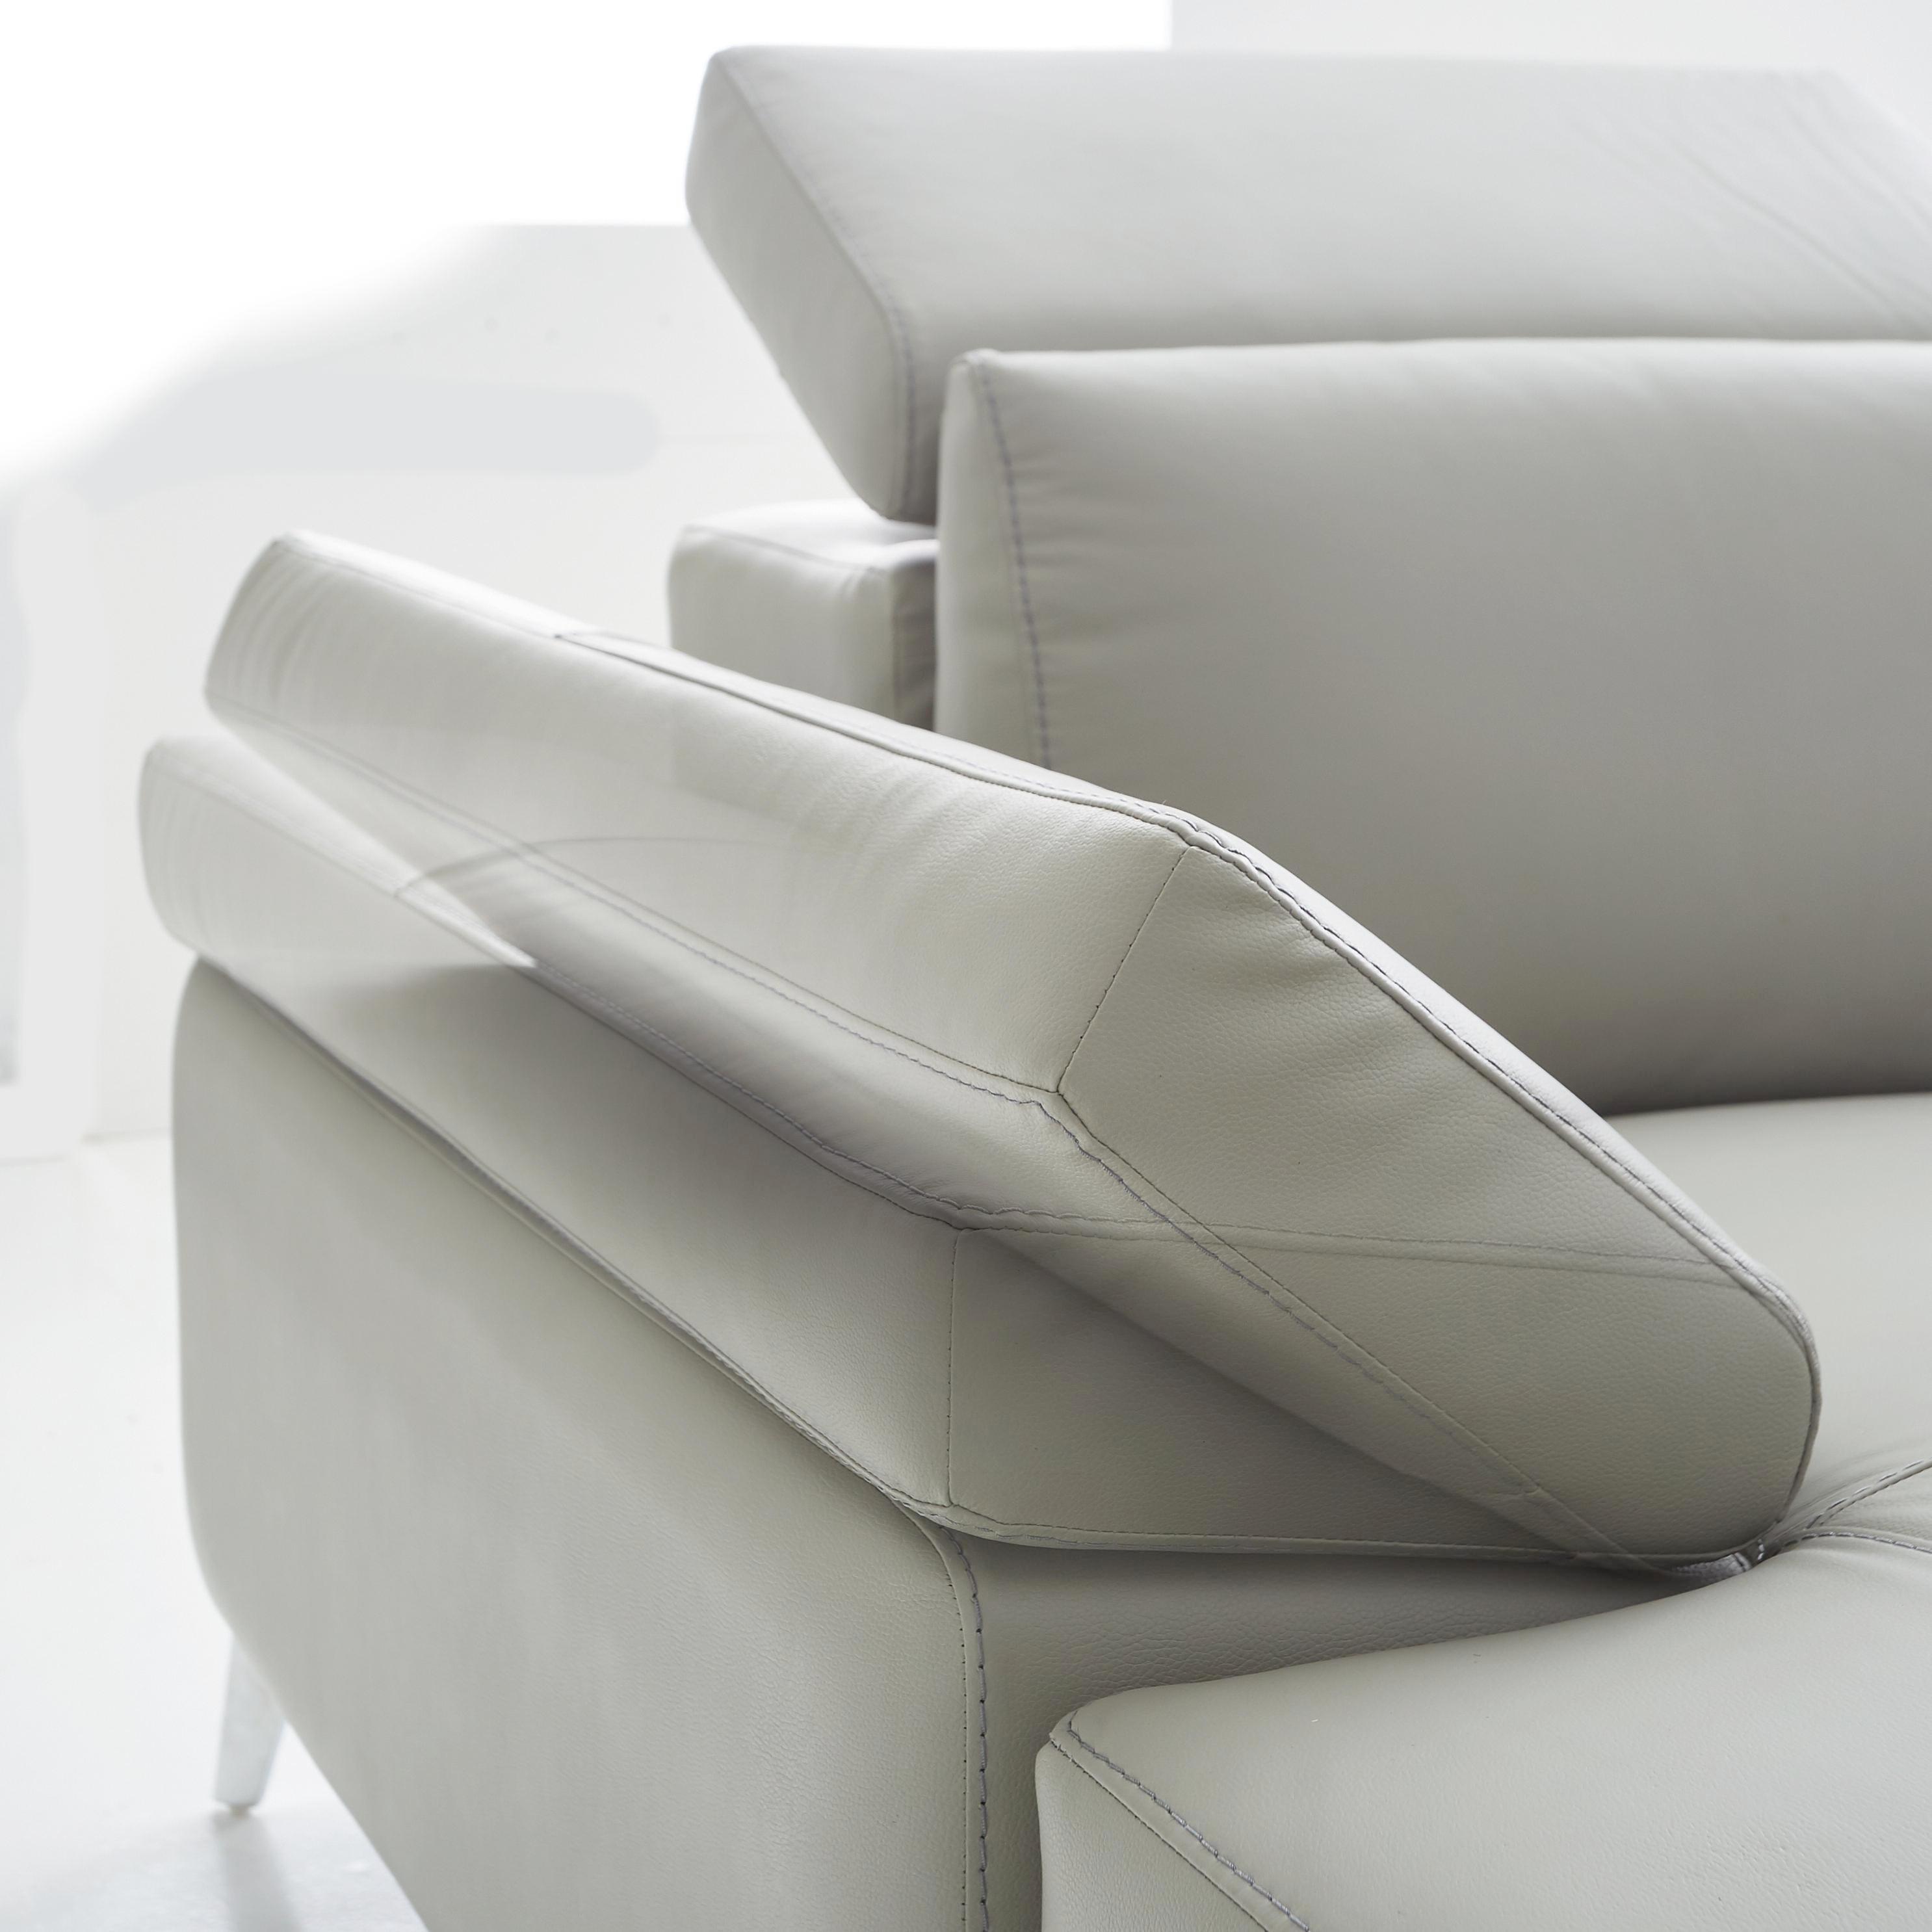 SJEDEĆA GARNITURA - svijetlo siva/boje kroma, Design, drvni materijal/koža (219/334/172cm) - XORA